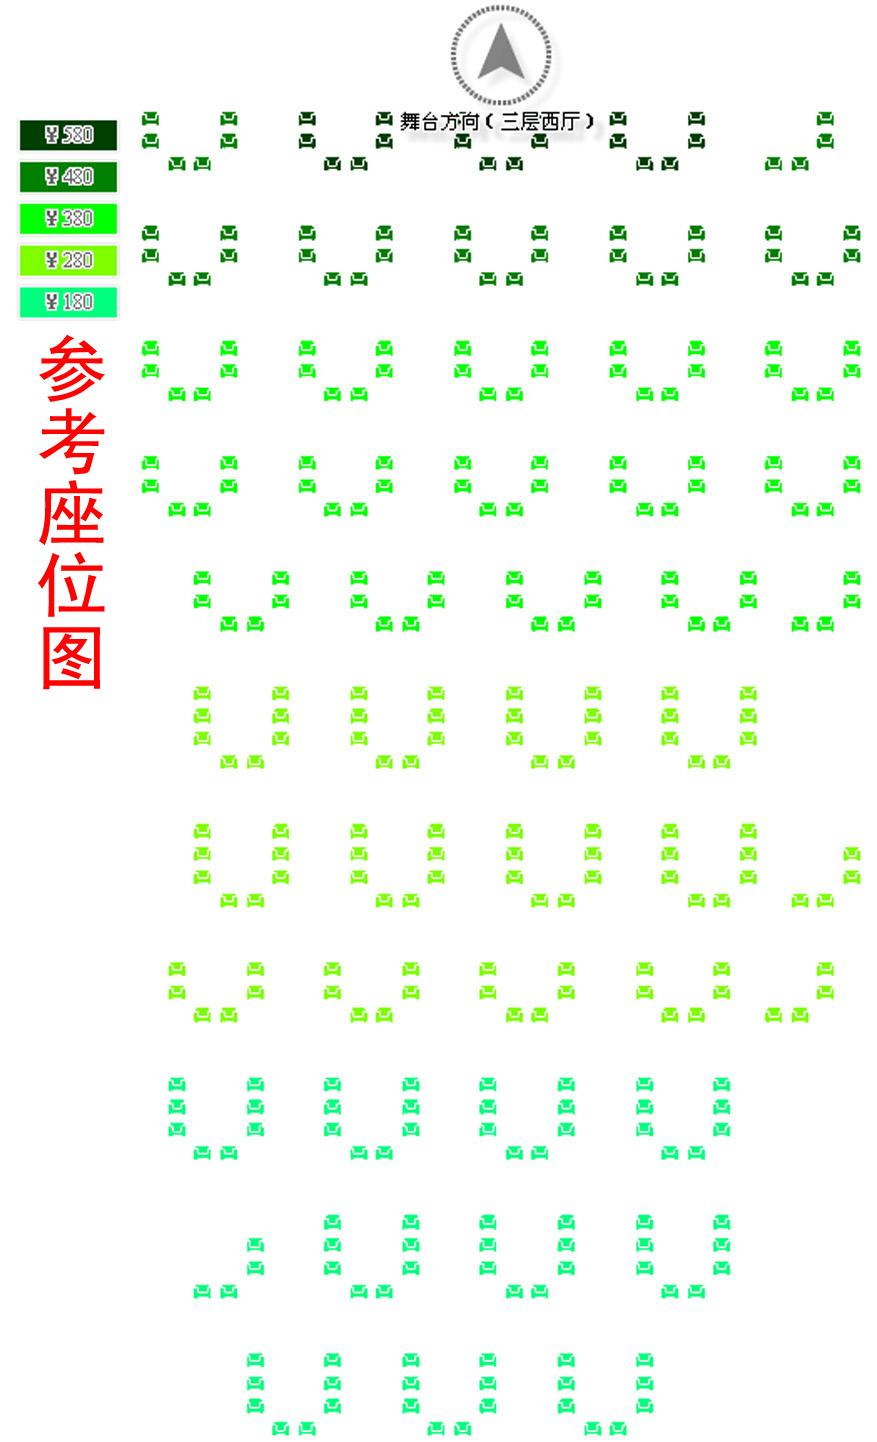 2020北京老舍茶馆座位图